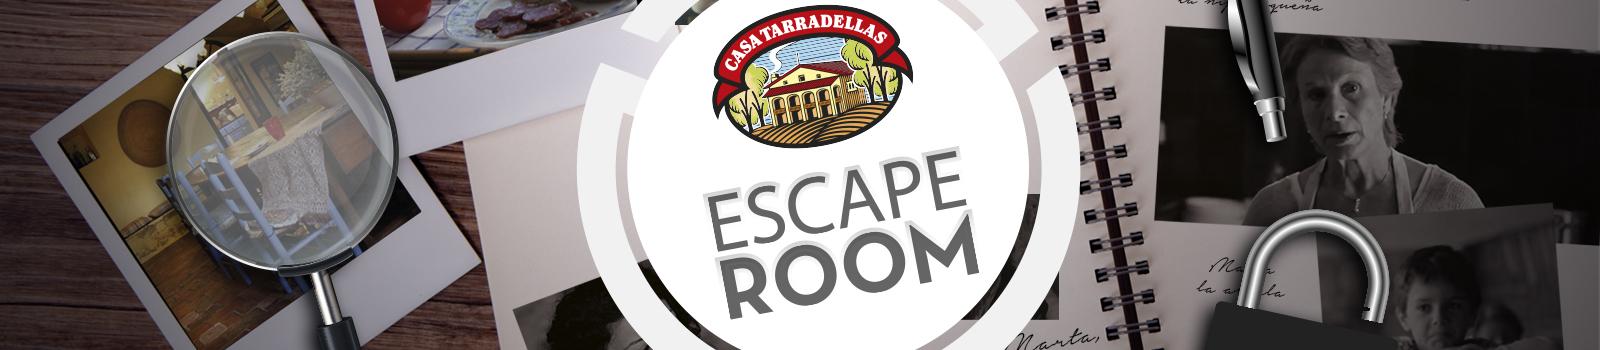 hd-escaperoom-casa-tarradellas